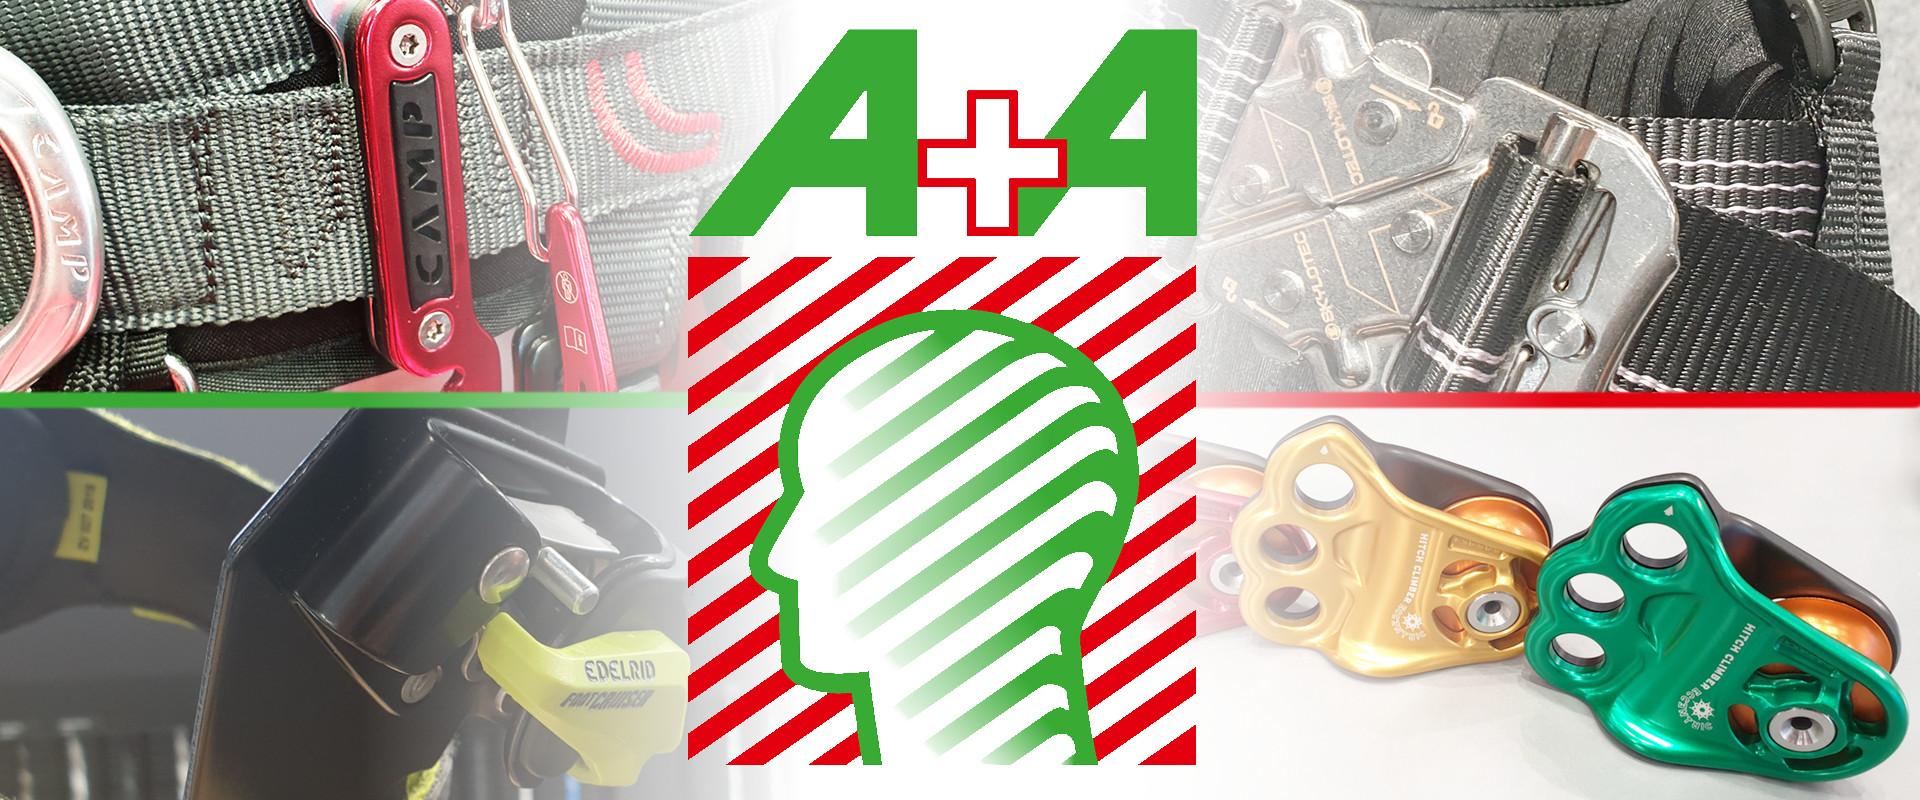 Permalink to: Nouveautés pour l'arboriculture à A+A 2019